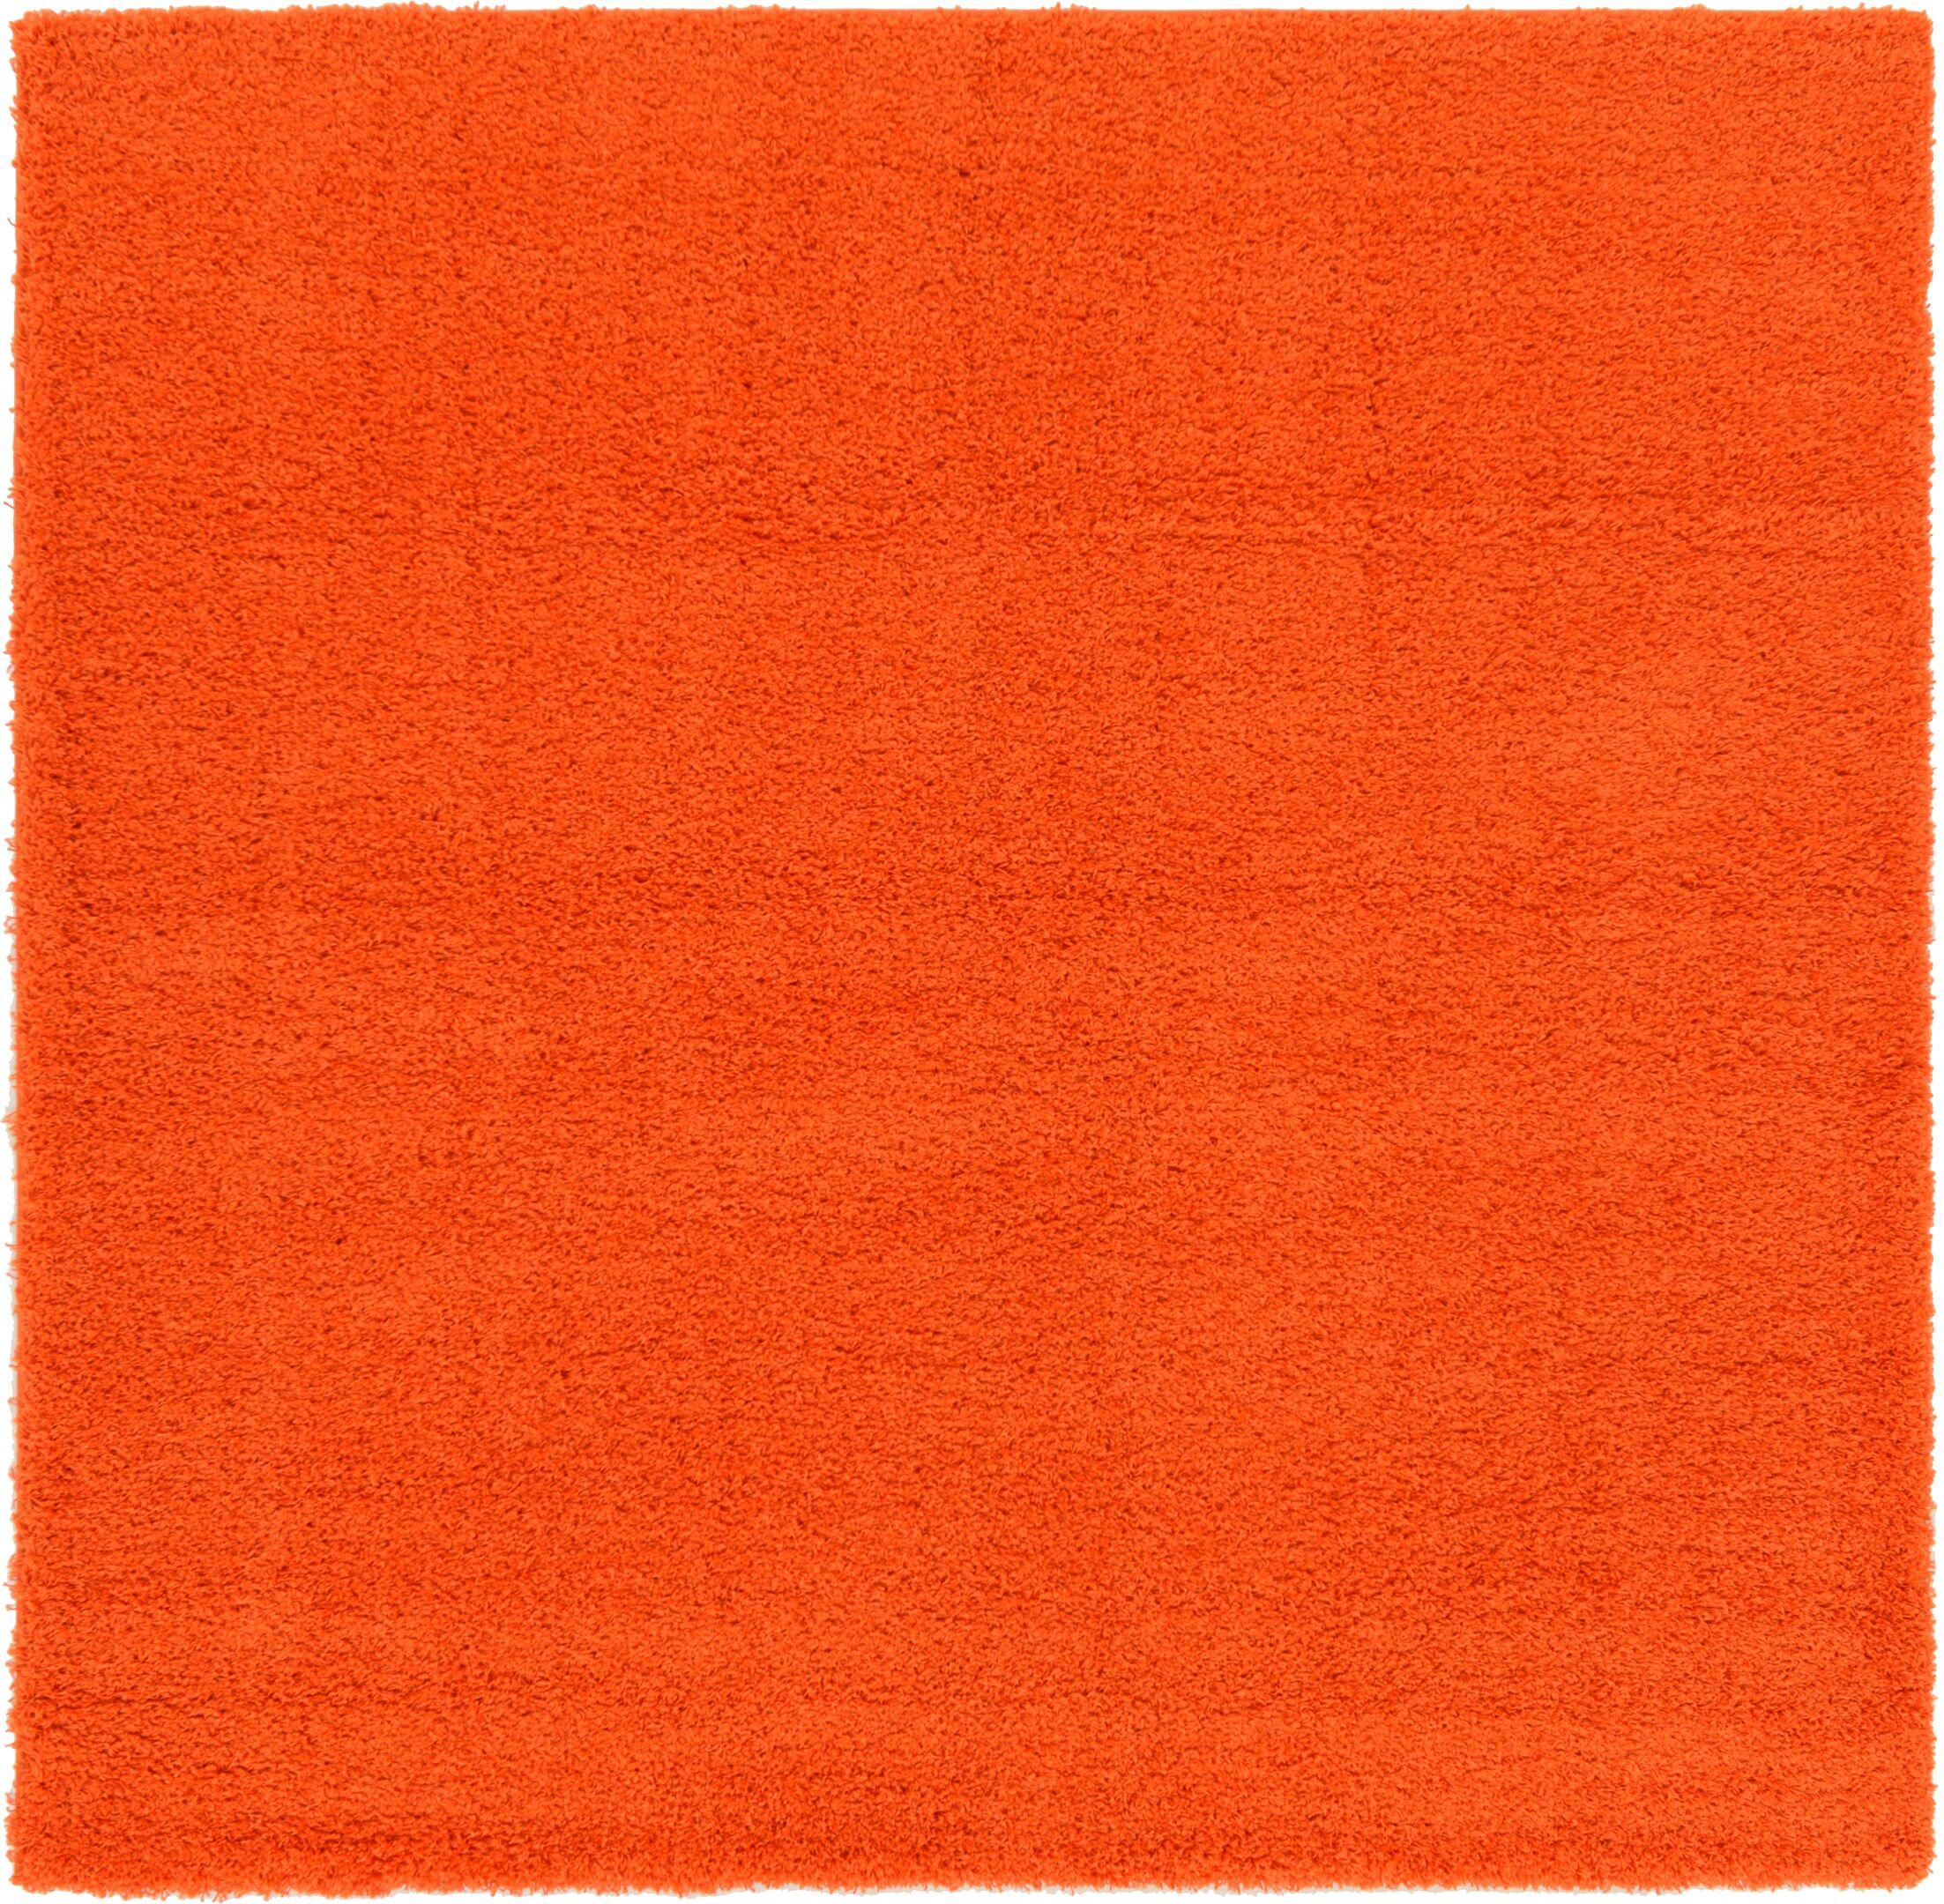 Madison Orange Area Rug Rug Size: Square 8'2